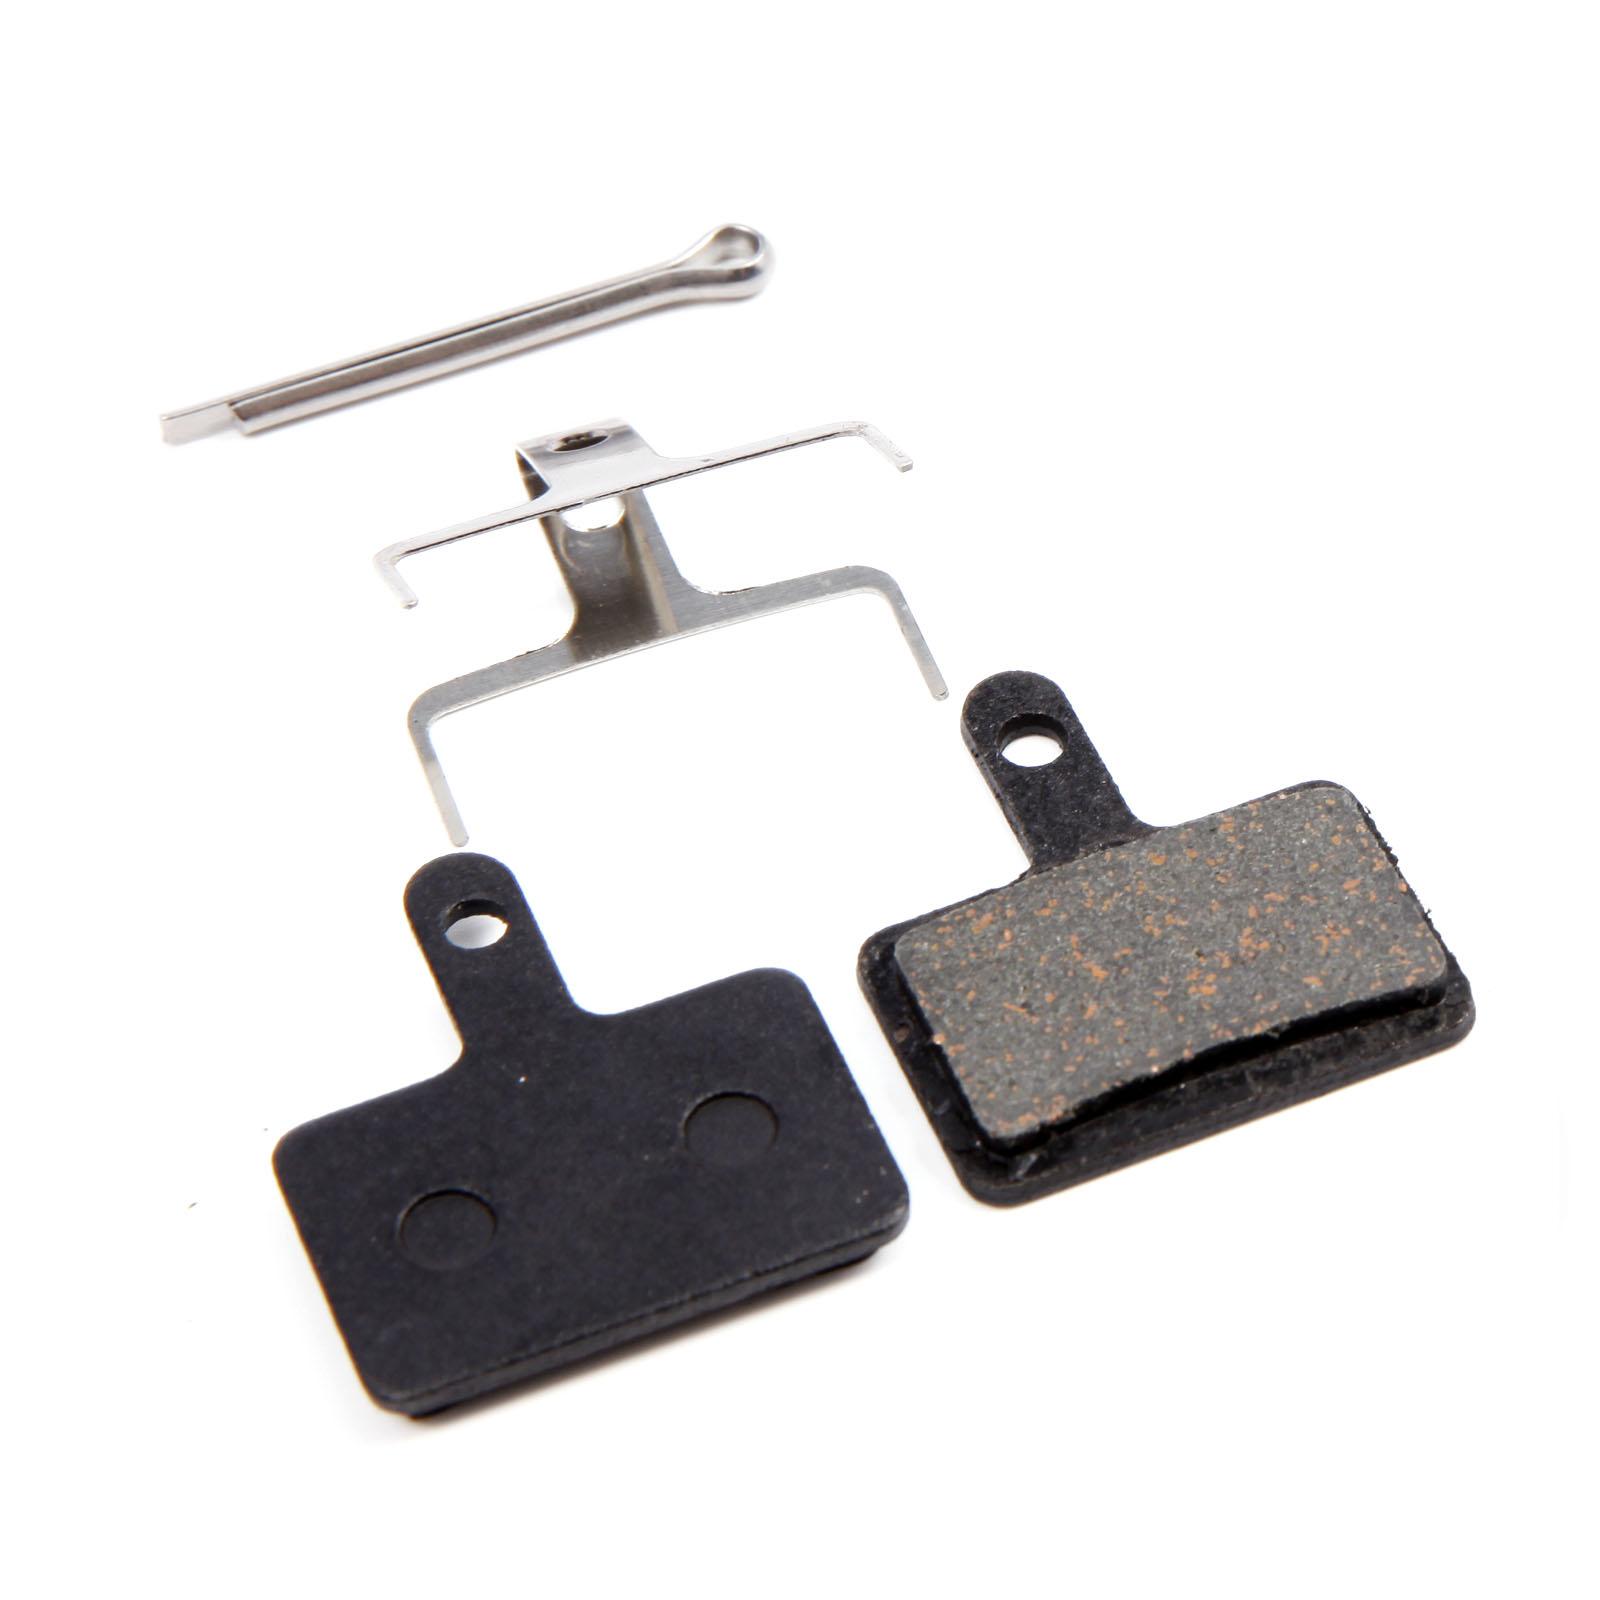 B01S  B01 M395 M446 M485 M525 Shimano Deore Resin Brake Pads